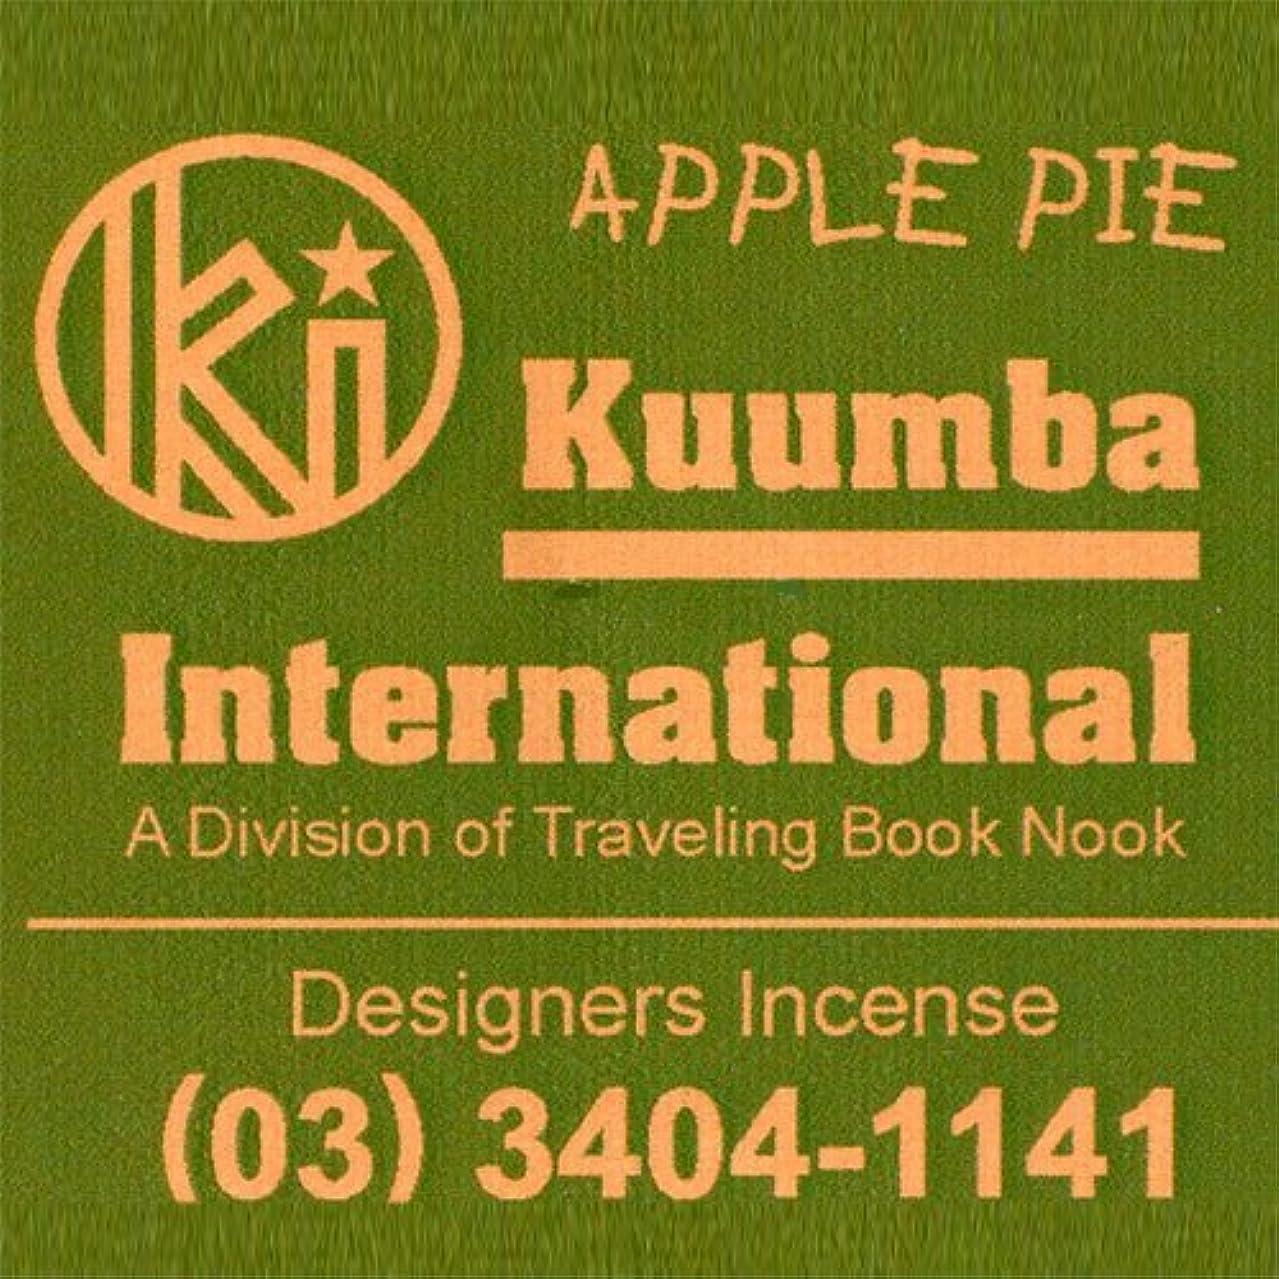 はっきりしない五十足KUUMBA / クンバ『incense』(APPLE PIE) (Regular size)